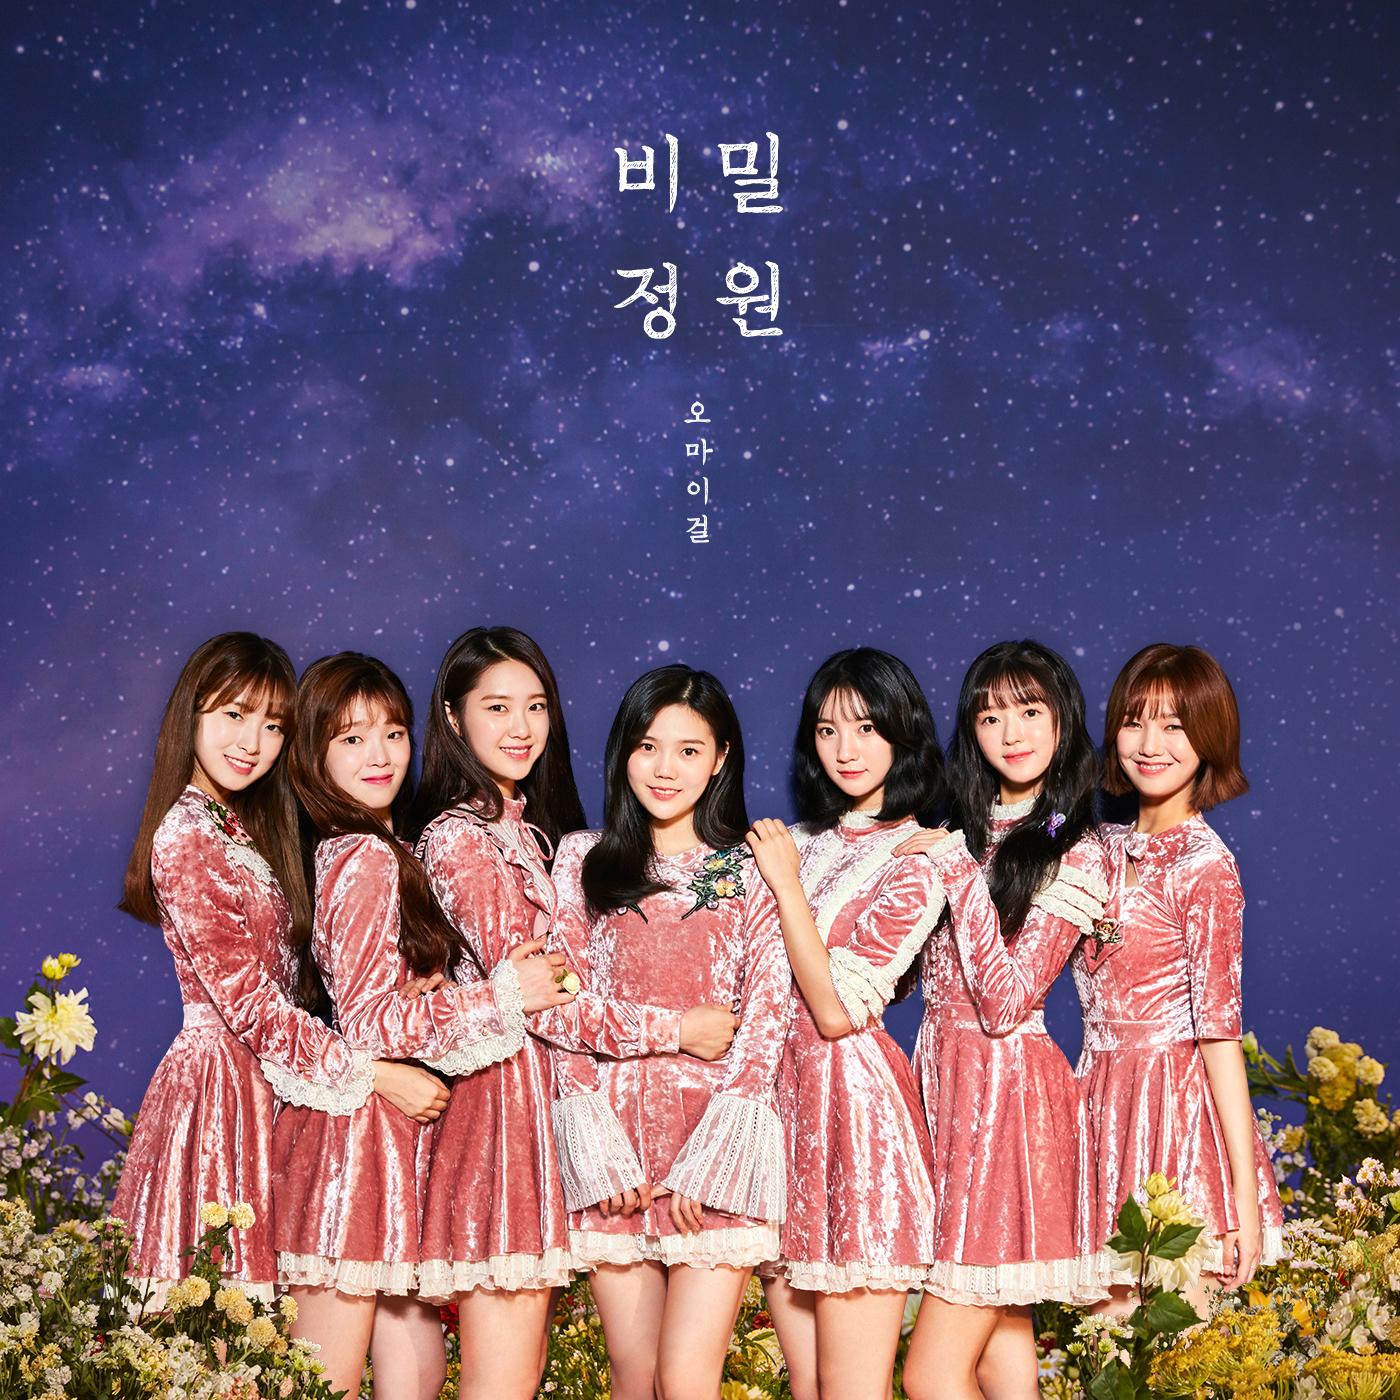 20180120.0245.12 Oh My Girl - Secret Garden cover.jpg